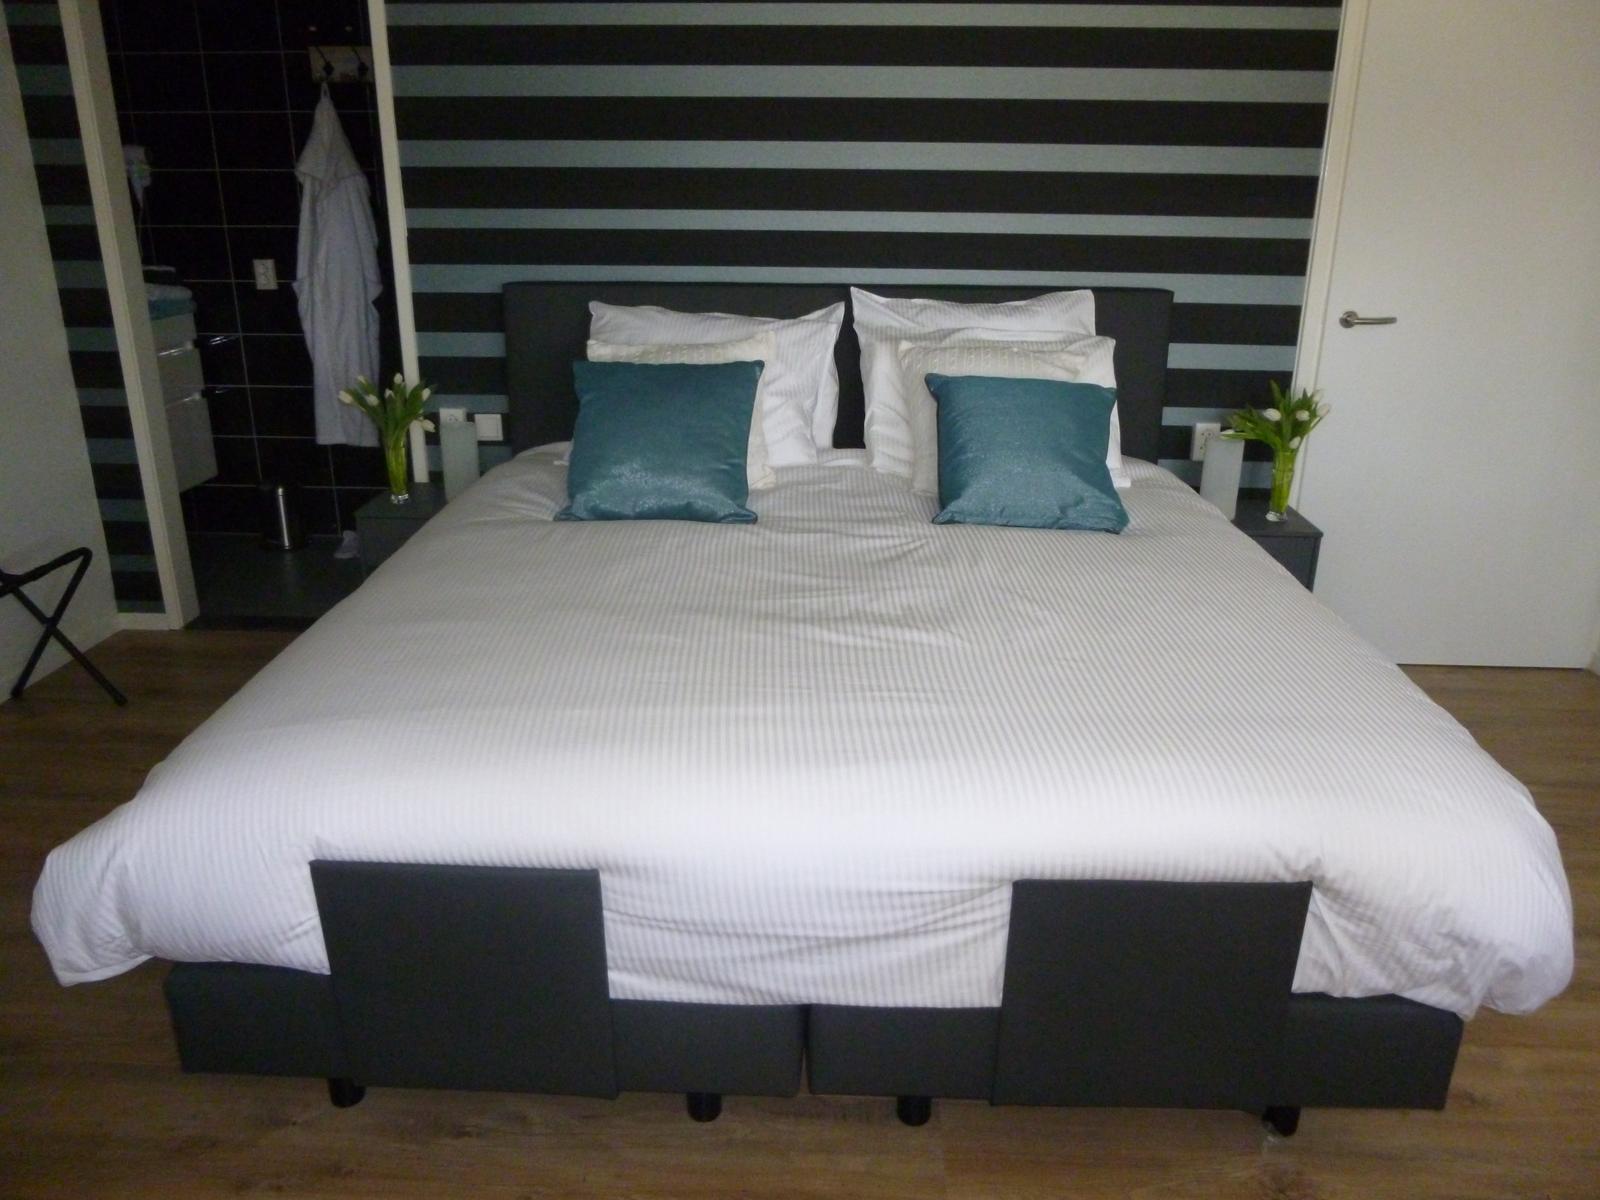 Kamer 1 bedden - Bed and Breakfast Zwolle De Langenlee